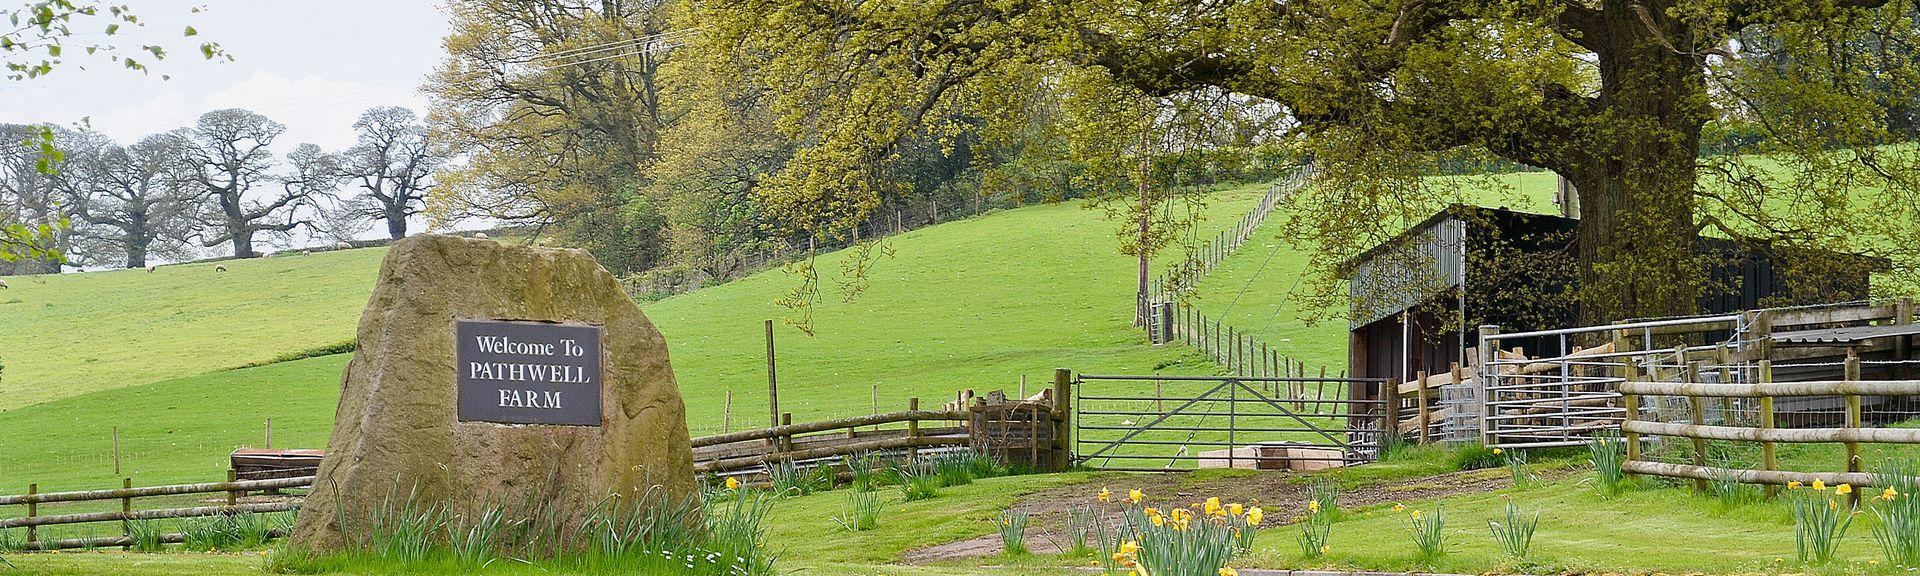 Dursley, Dursley, Gloucestershire, UK